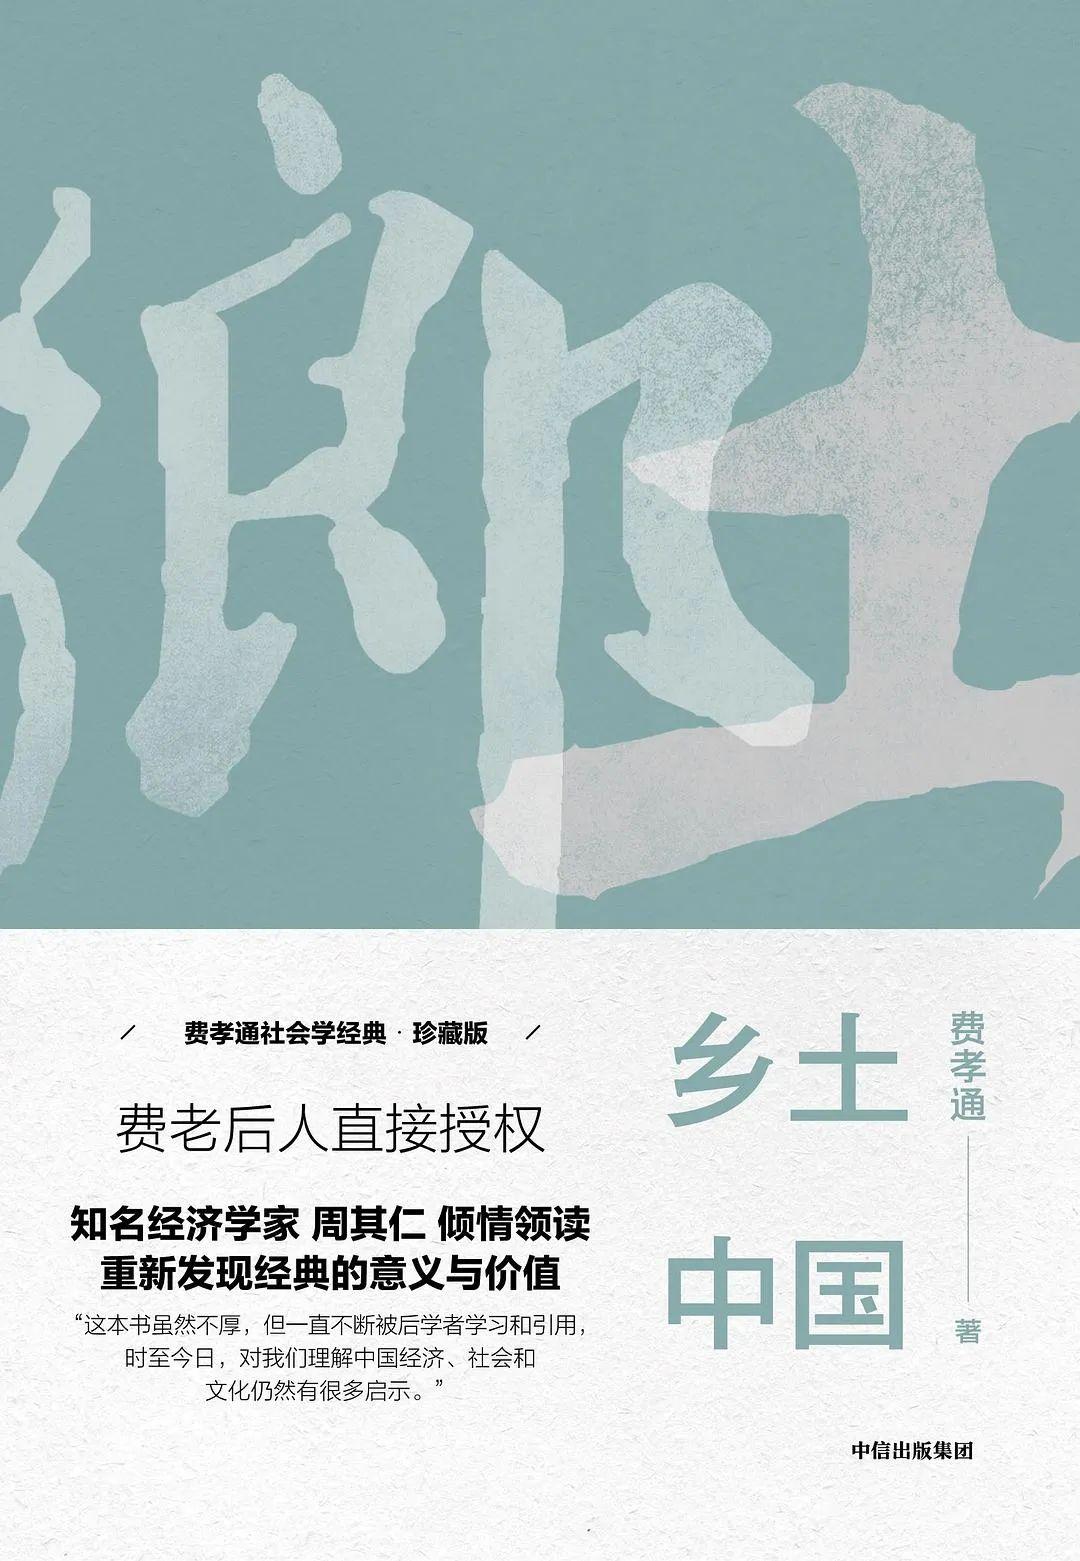 乡土中国 费孝通 / 著 中信出版集团,2018-12